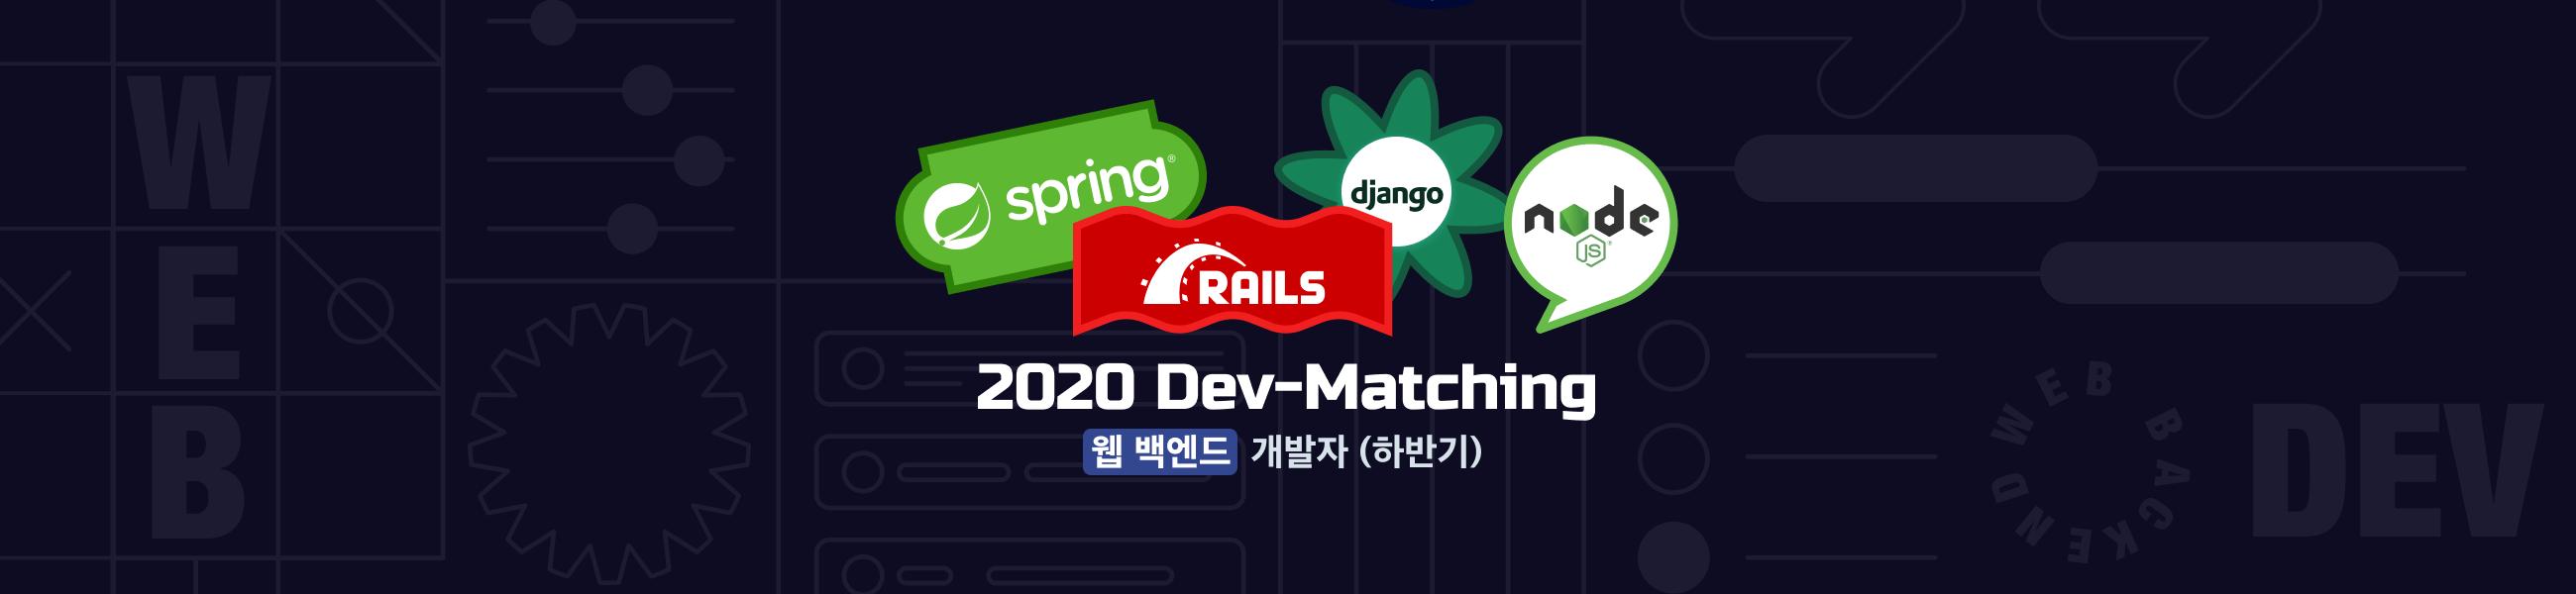 2020 Dev-Matching: 웹 백엔드 개발자(하반기)의 이미지